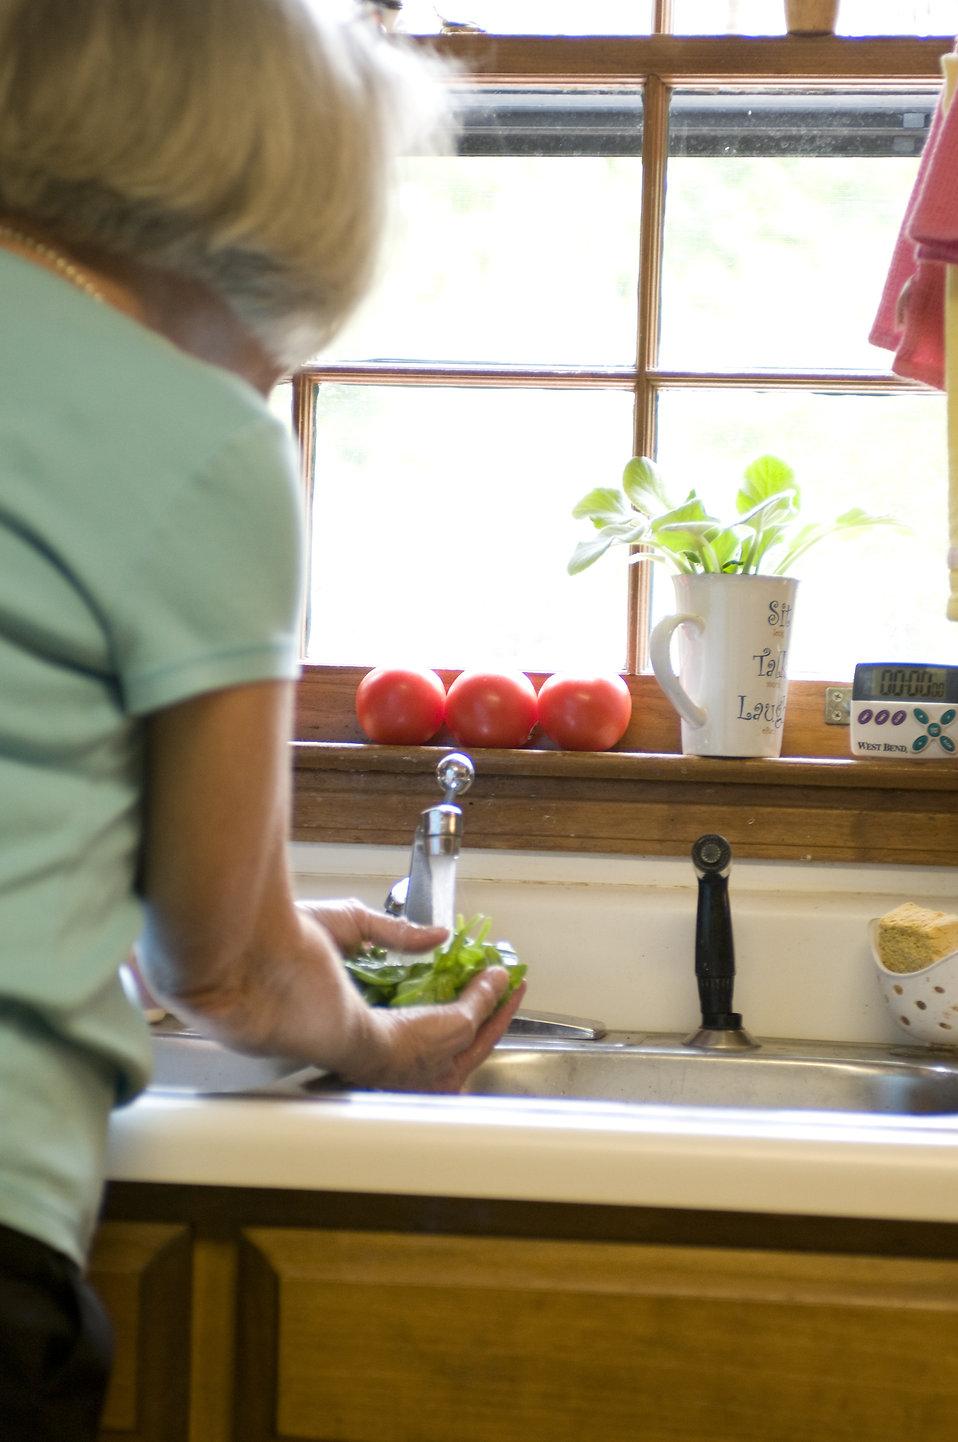 Adaptações na cozinha